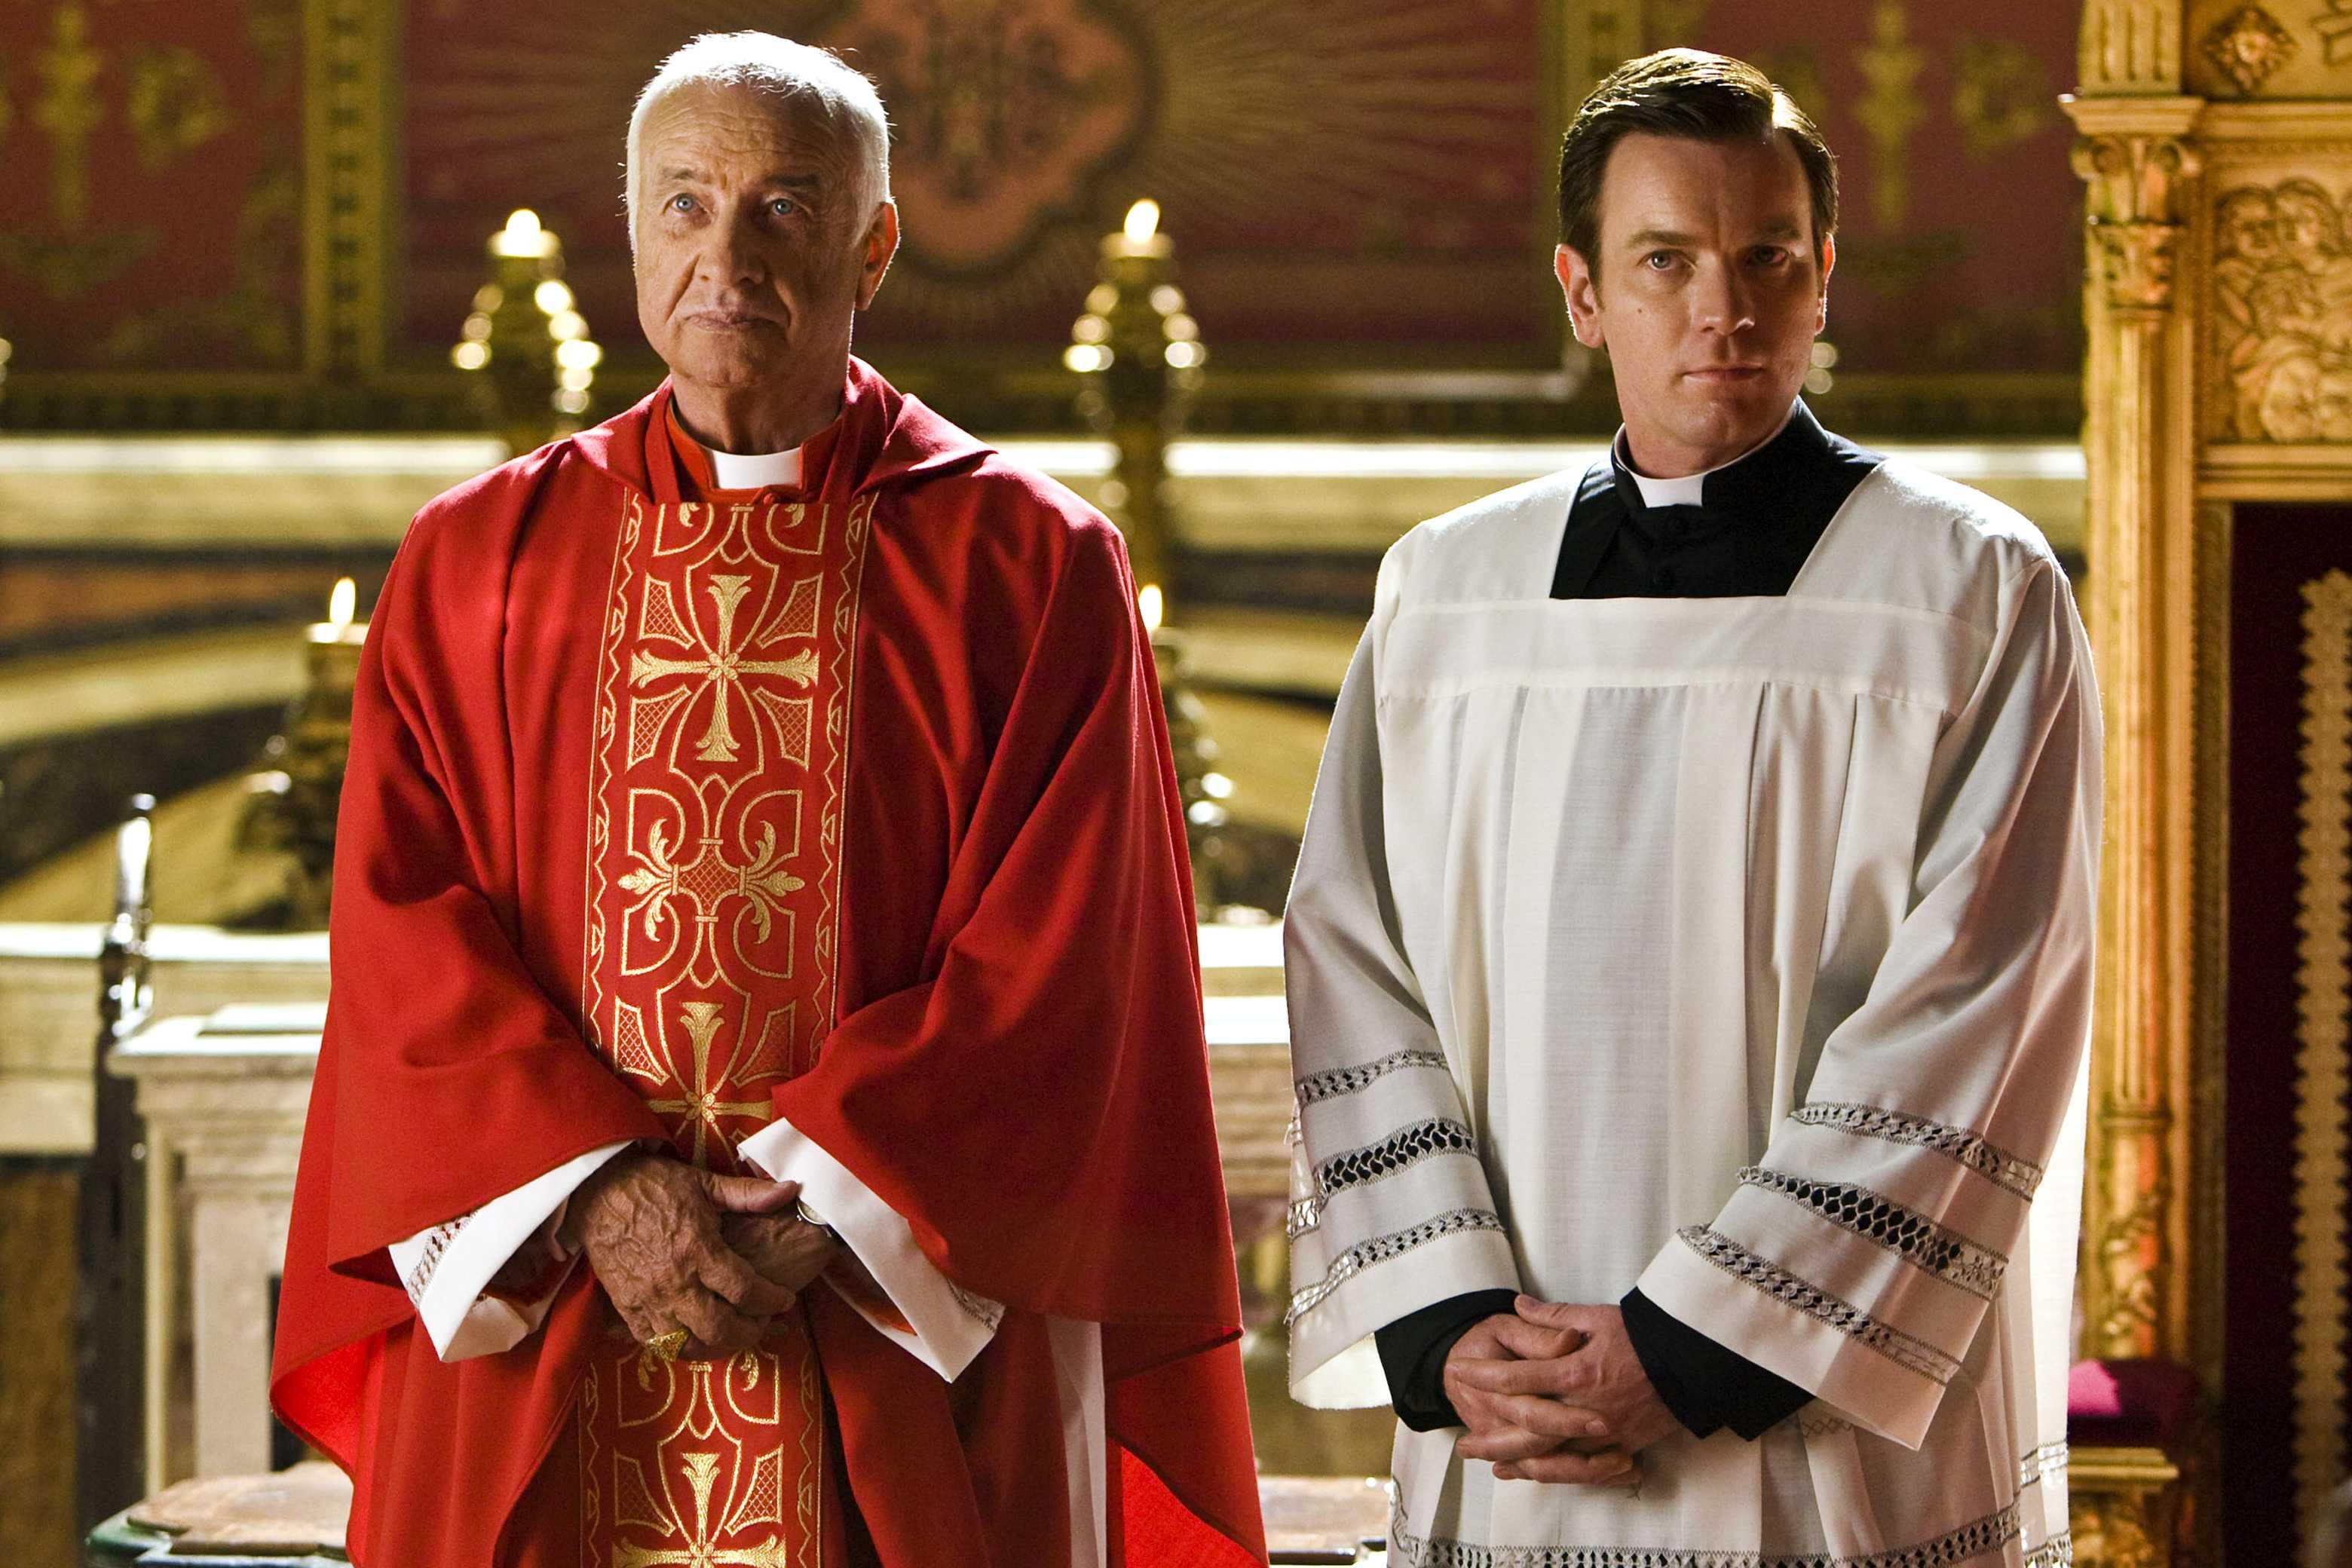 angels & demons tom hanks ayelet zurer dan brown ewan mcgregor ron howard stellan skarsgard armin mueller-stahl thriller mistery 2009 film